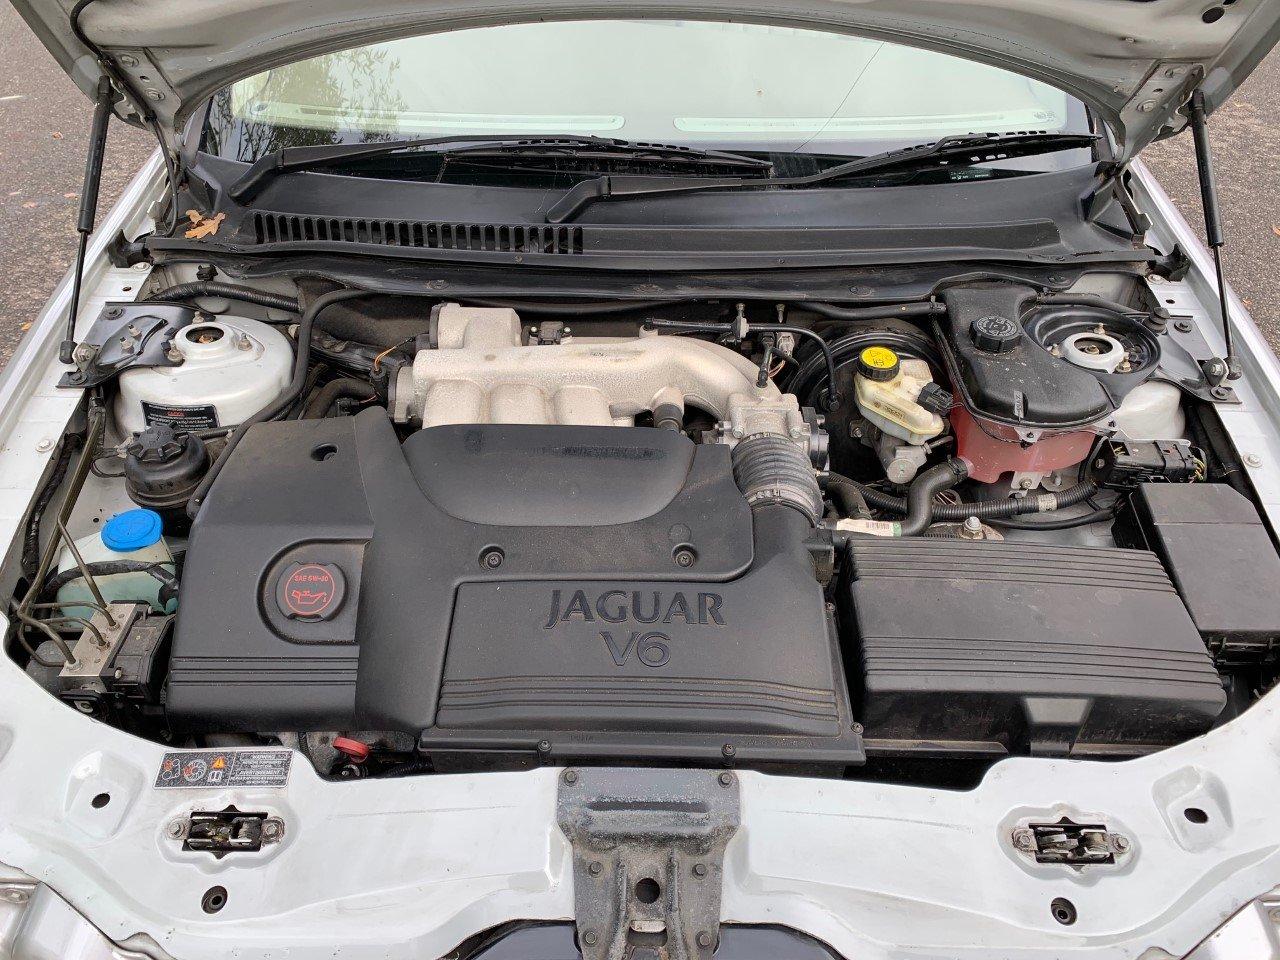 2003 Jaguar X-Type 2.5 V6 SE Auto For Sale (picture 6 of 6)